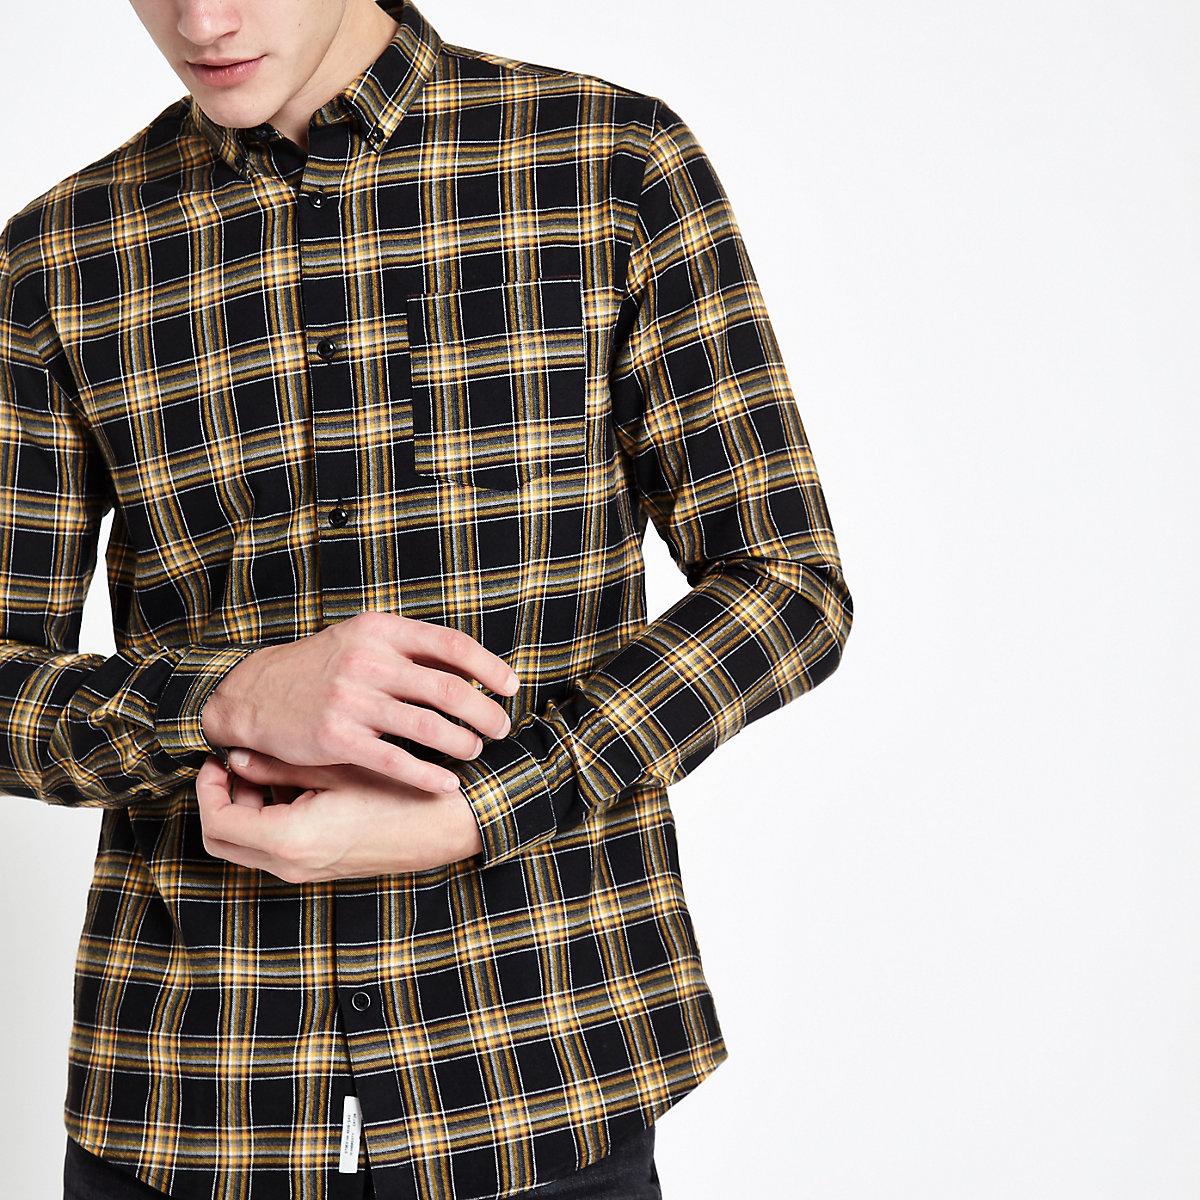 Chemise à carreaux noirs et jaunes boutonnée